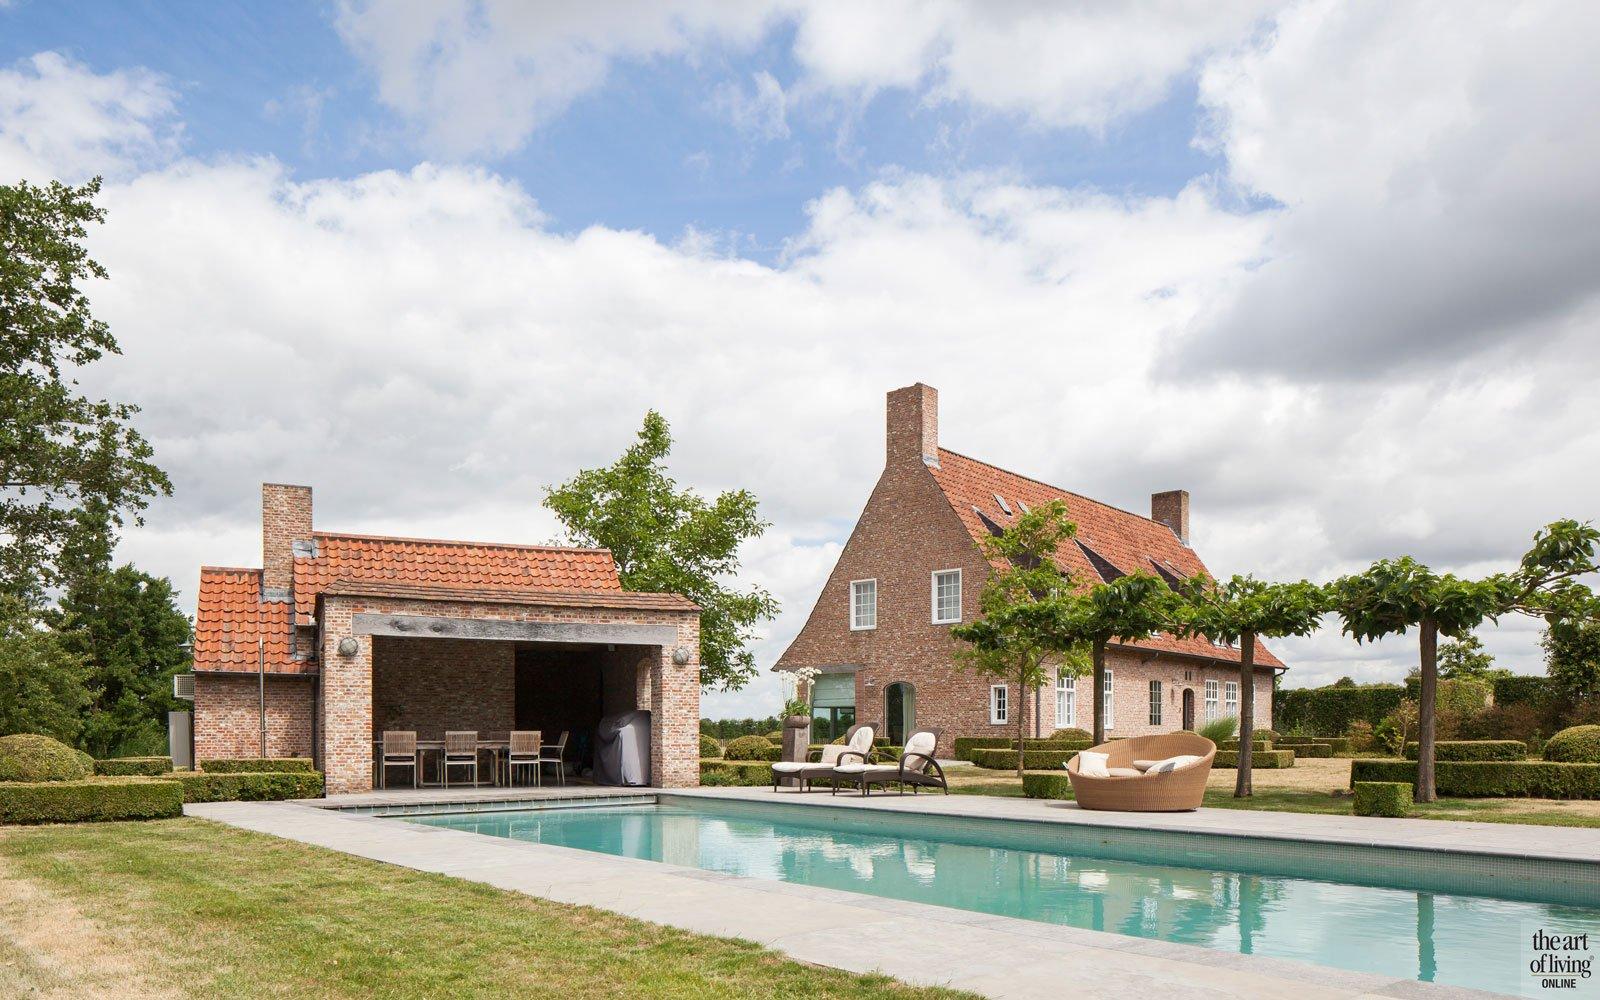 Verbouwde hoeve, Jelle vande casteele, the art of living, zwembad, buitenzwembad, swimming pool, pool, design zwembad, exclusief